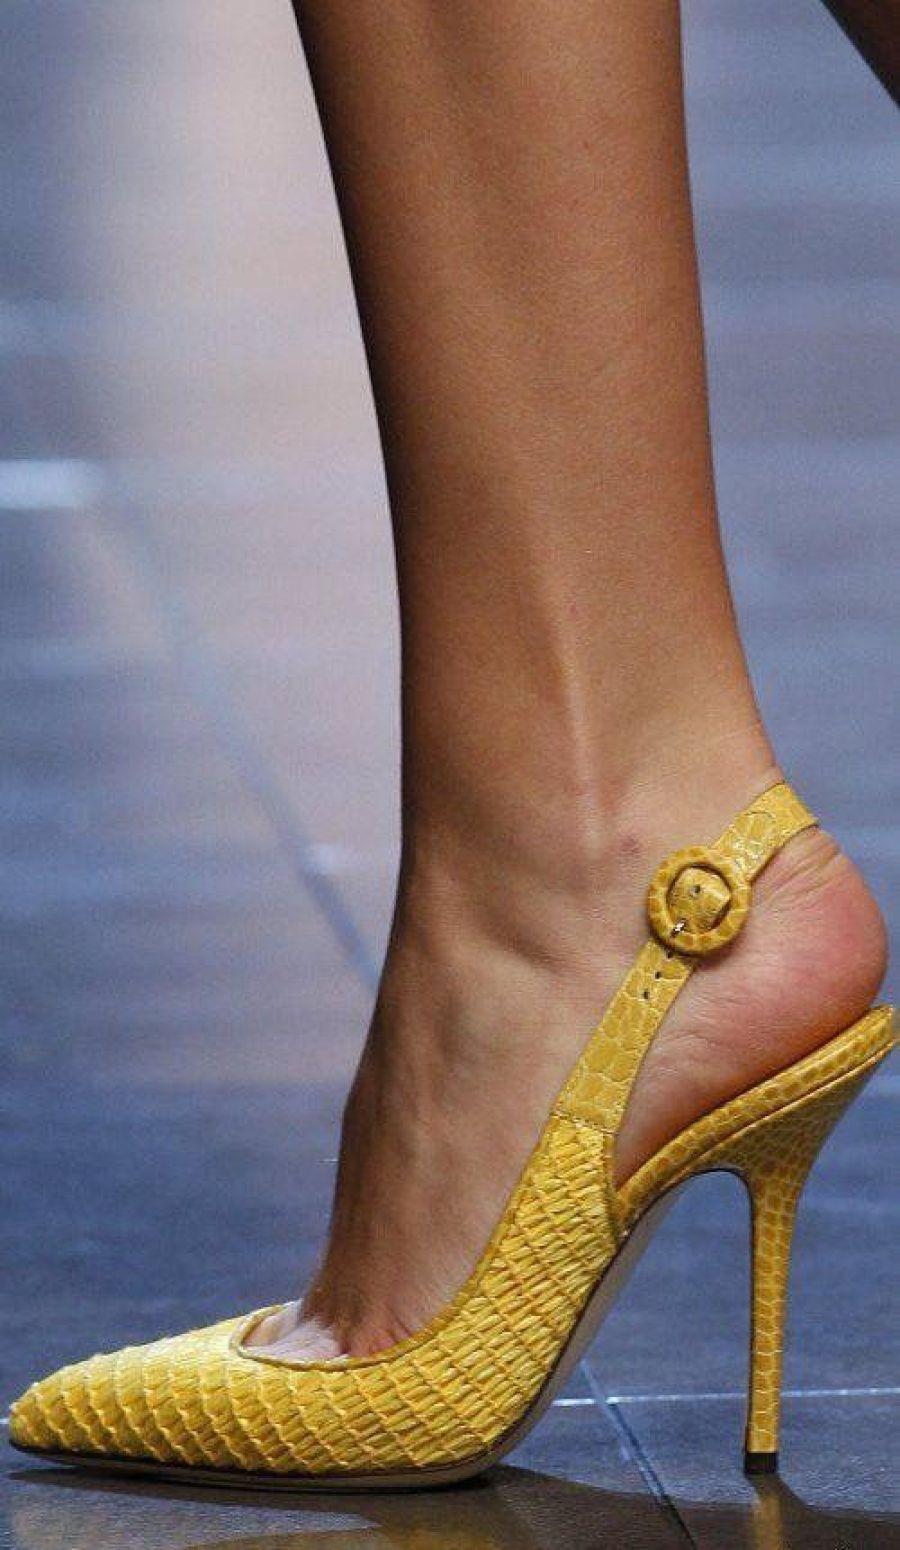 54d256513 Las últimas tendencias en zapatos para fiesta de matrimonio